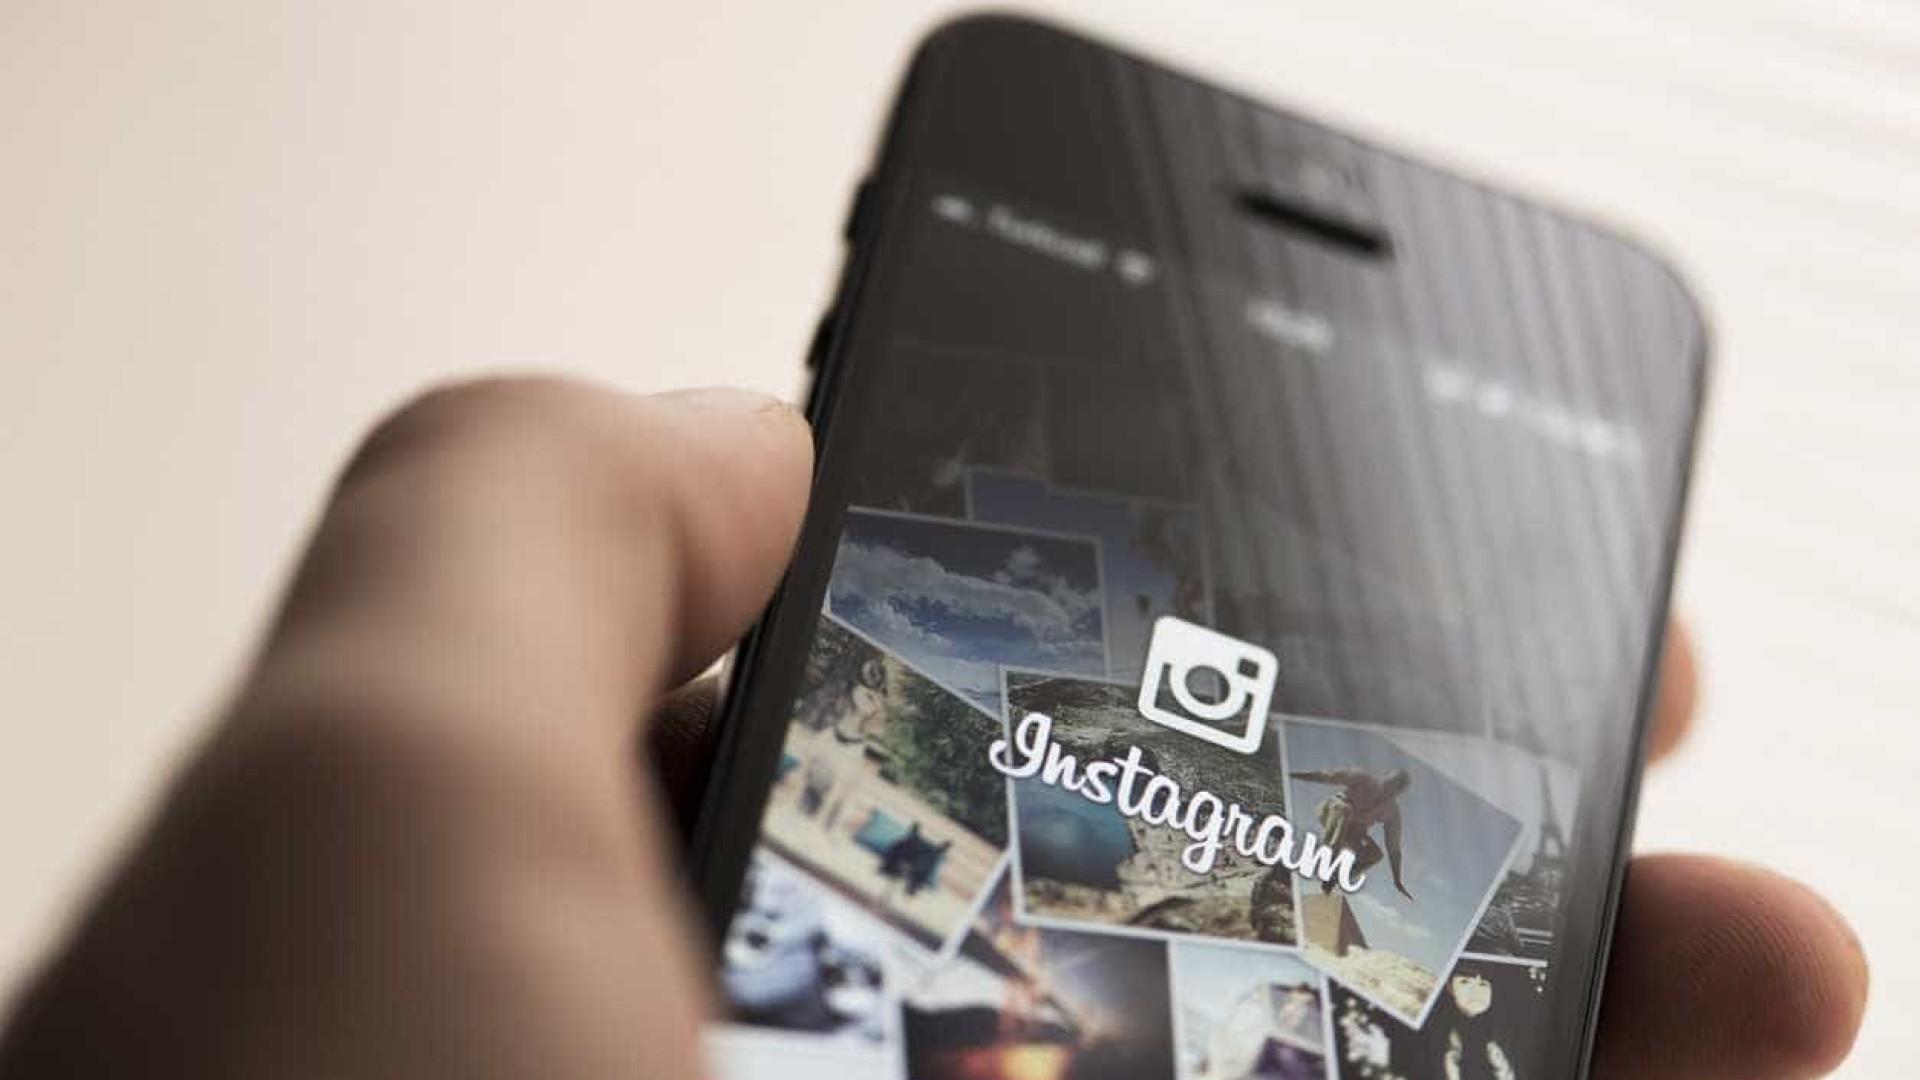 Redes sociais perigosas? Líder do Instagram compara-as com carros